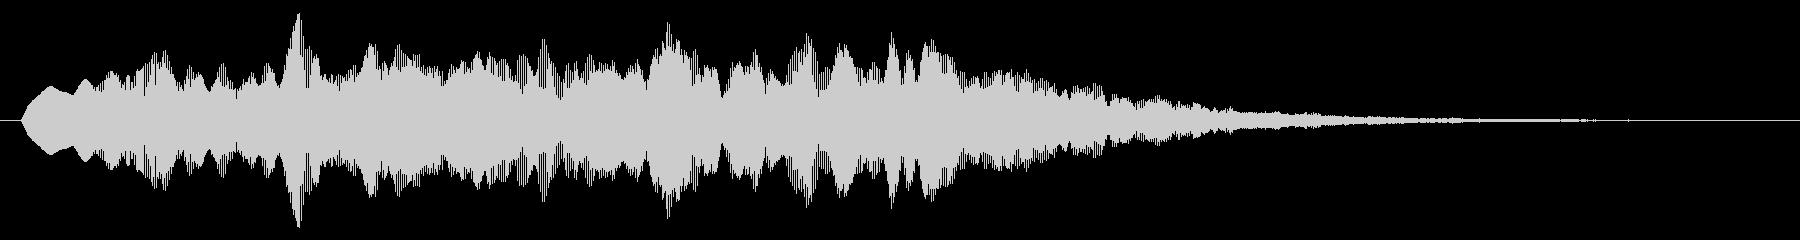 「フワ~」「シャラララ~」とした広がる音の未再生の波形